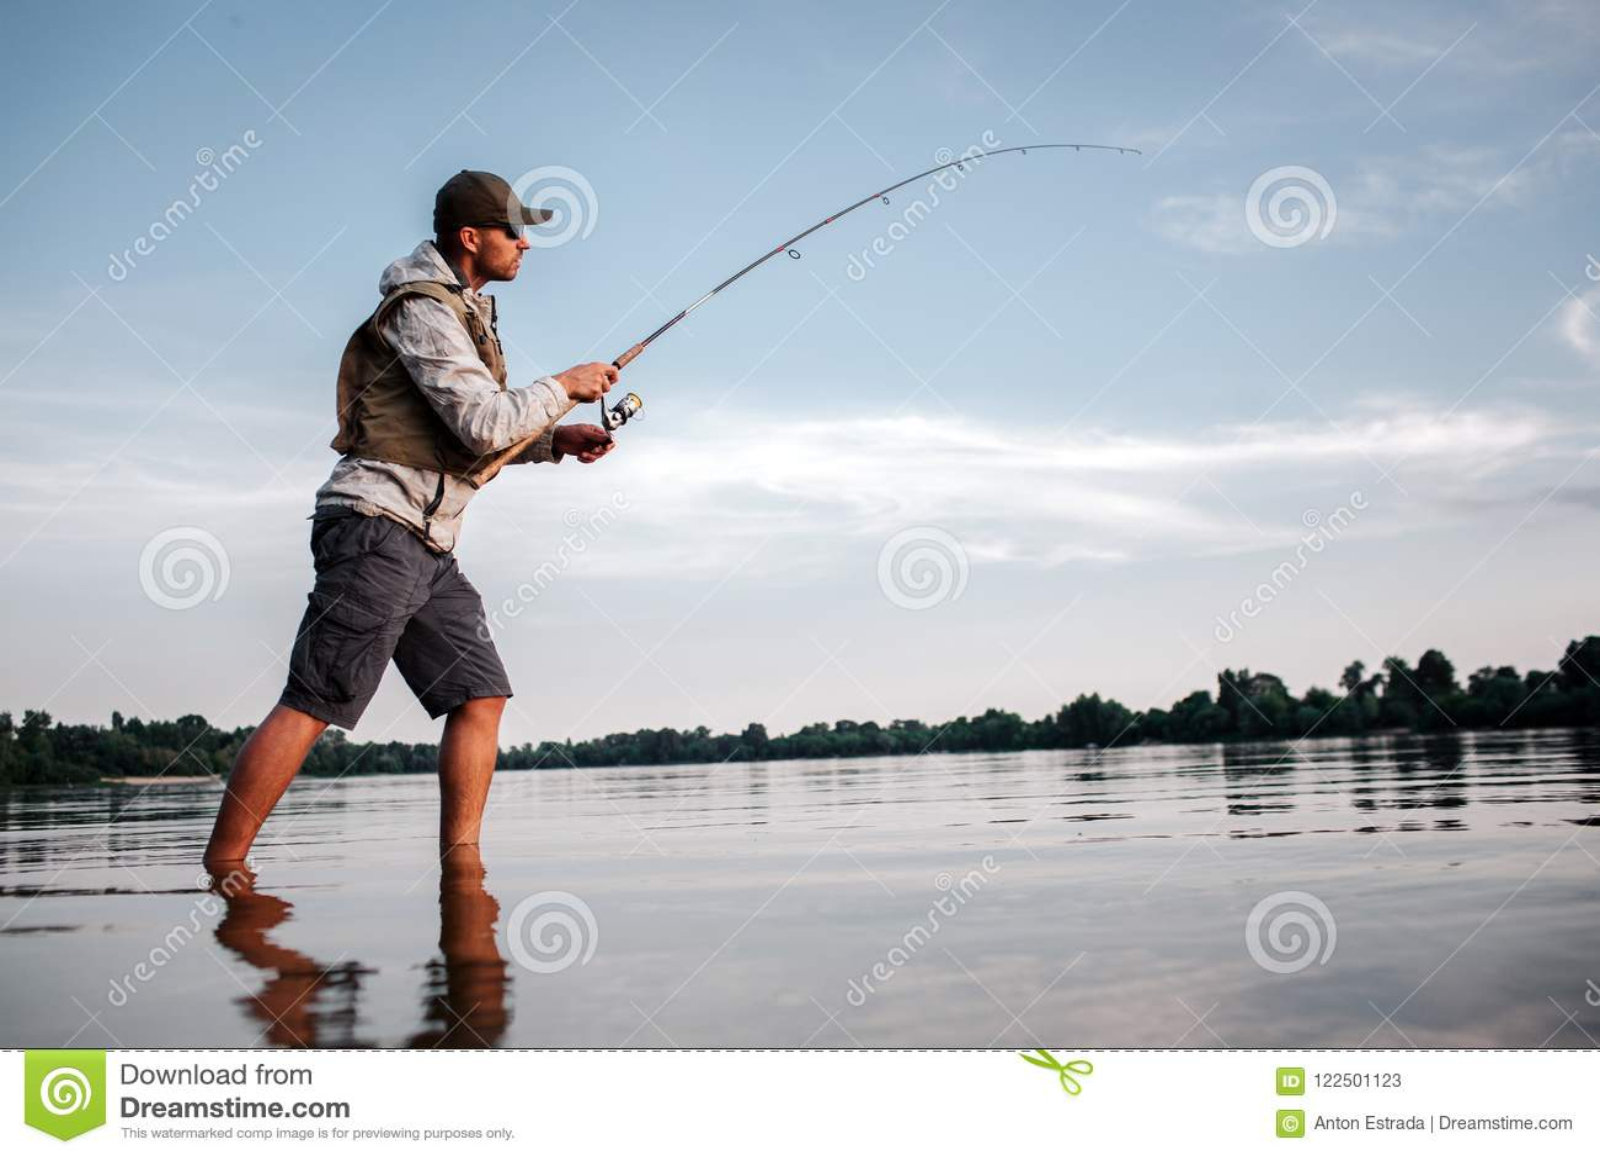 De actieve mens bevindt zich in ondiep en vist Hij houdt vliegstaaf in handen De mens verdraait rond spoel om lepel te maken